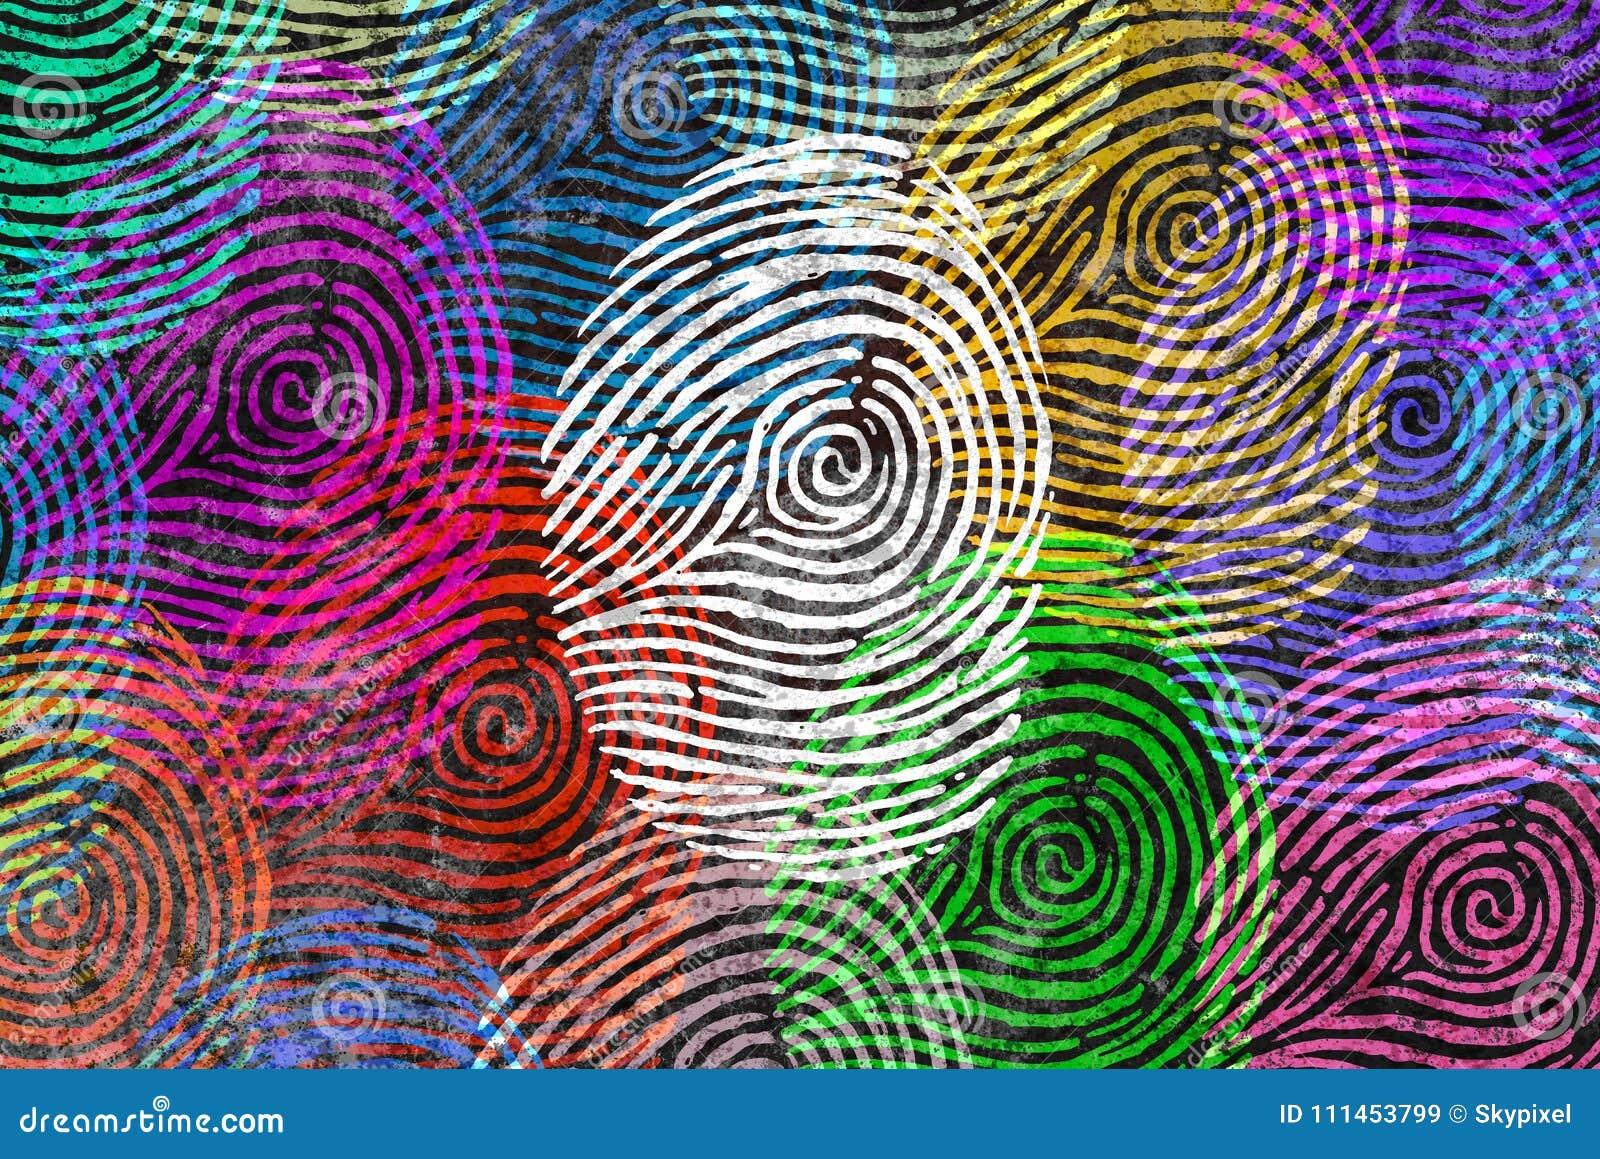 Символ идентичности разнообразия